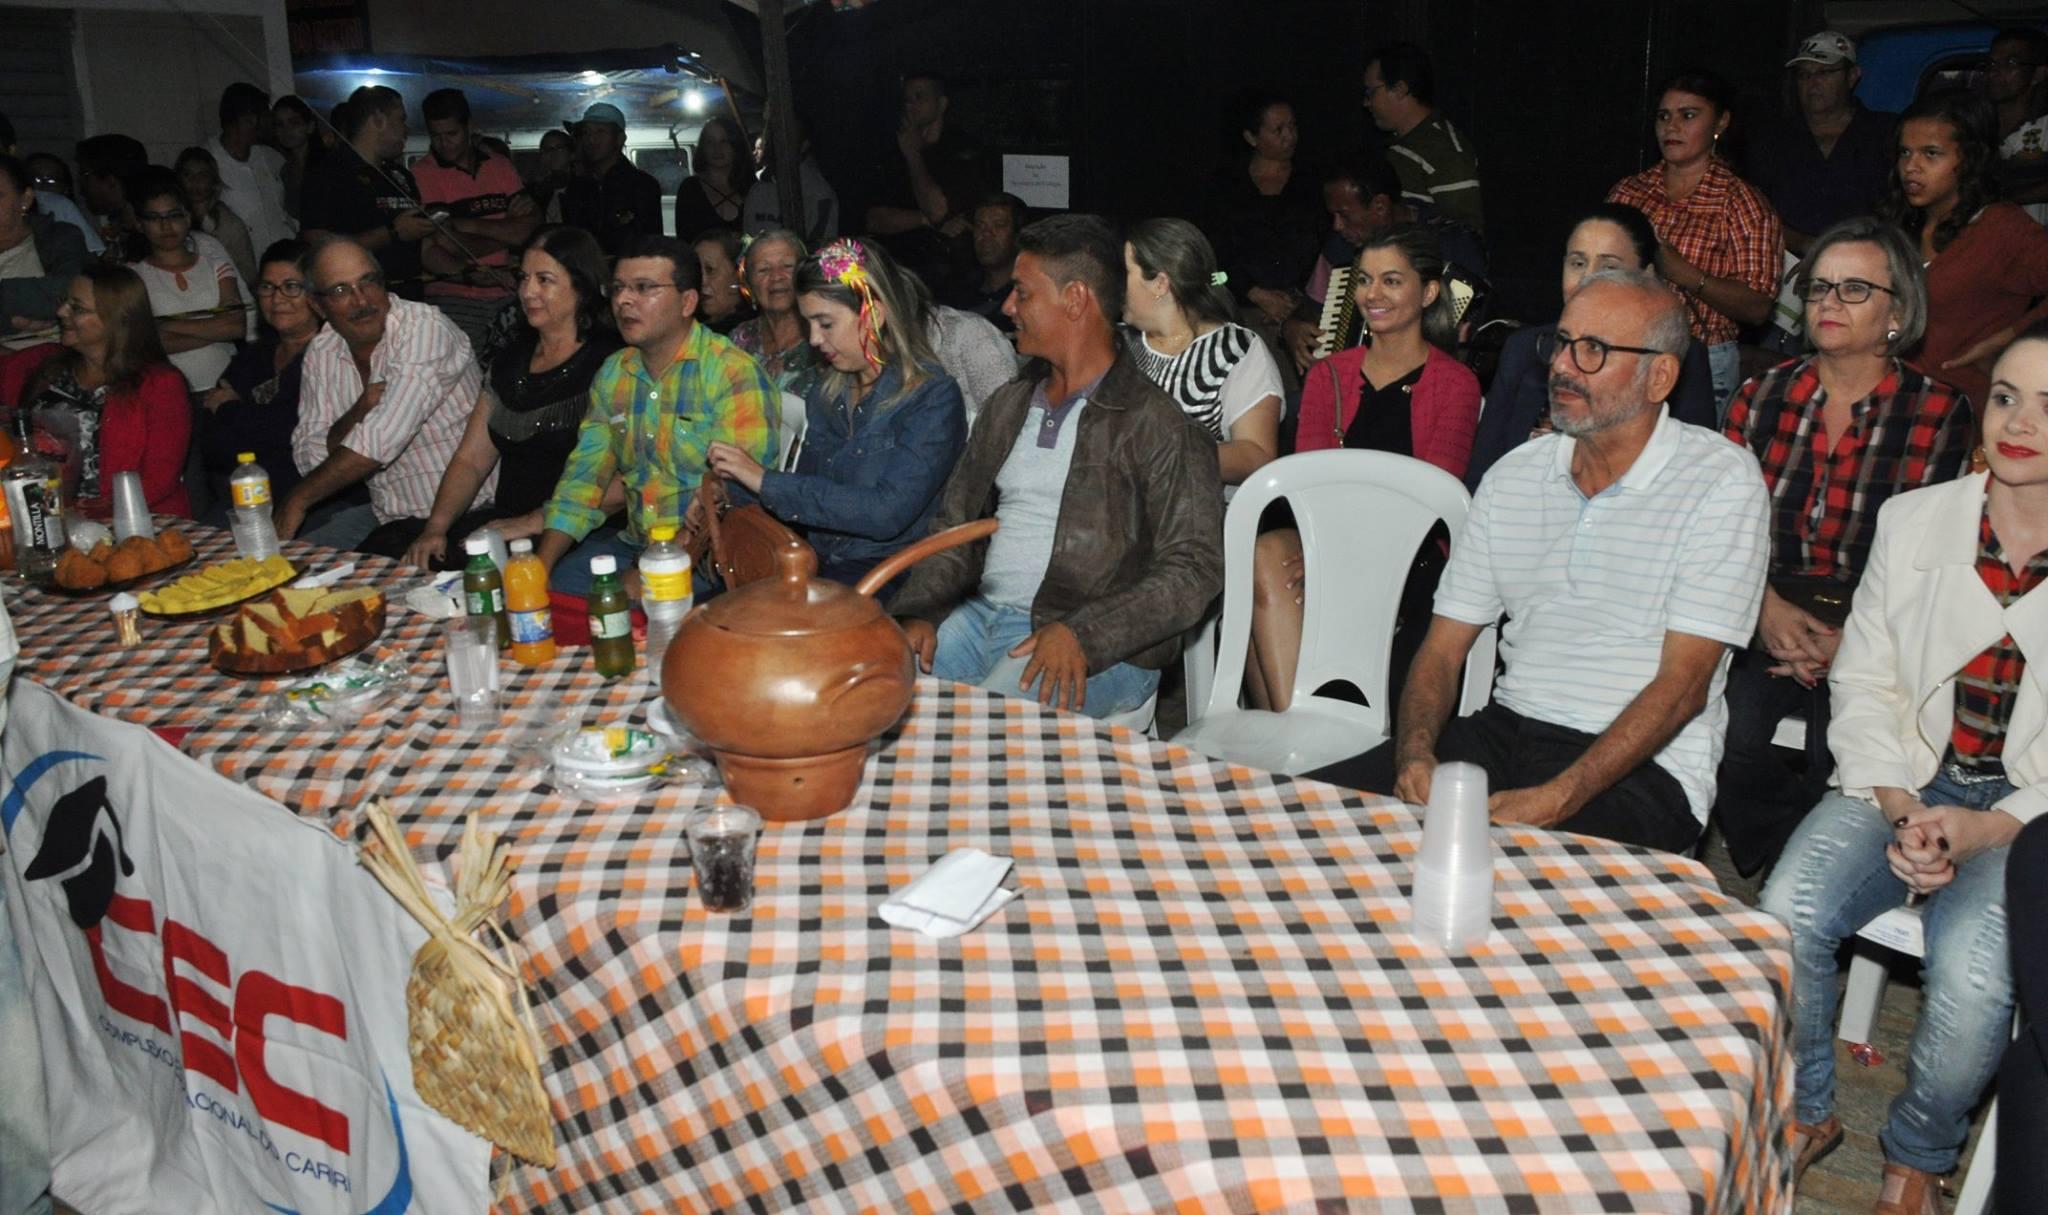 19092979_1899325253673998_7110700765060617811_o-1024x608 OPIPOCO mostra como foi a Segunda noite do festival de quadrilhas em Monteiro. Confira Imagens